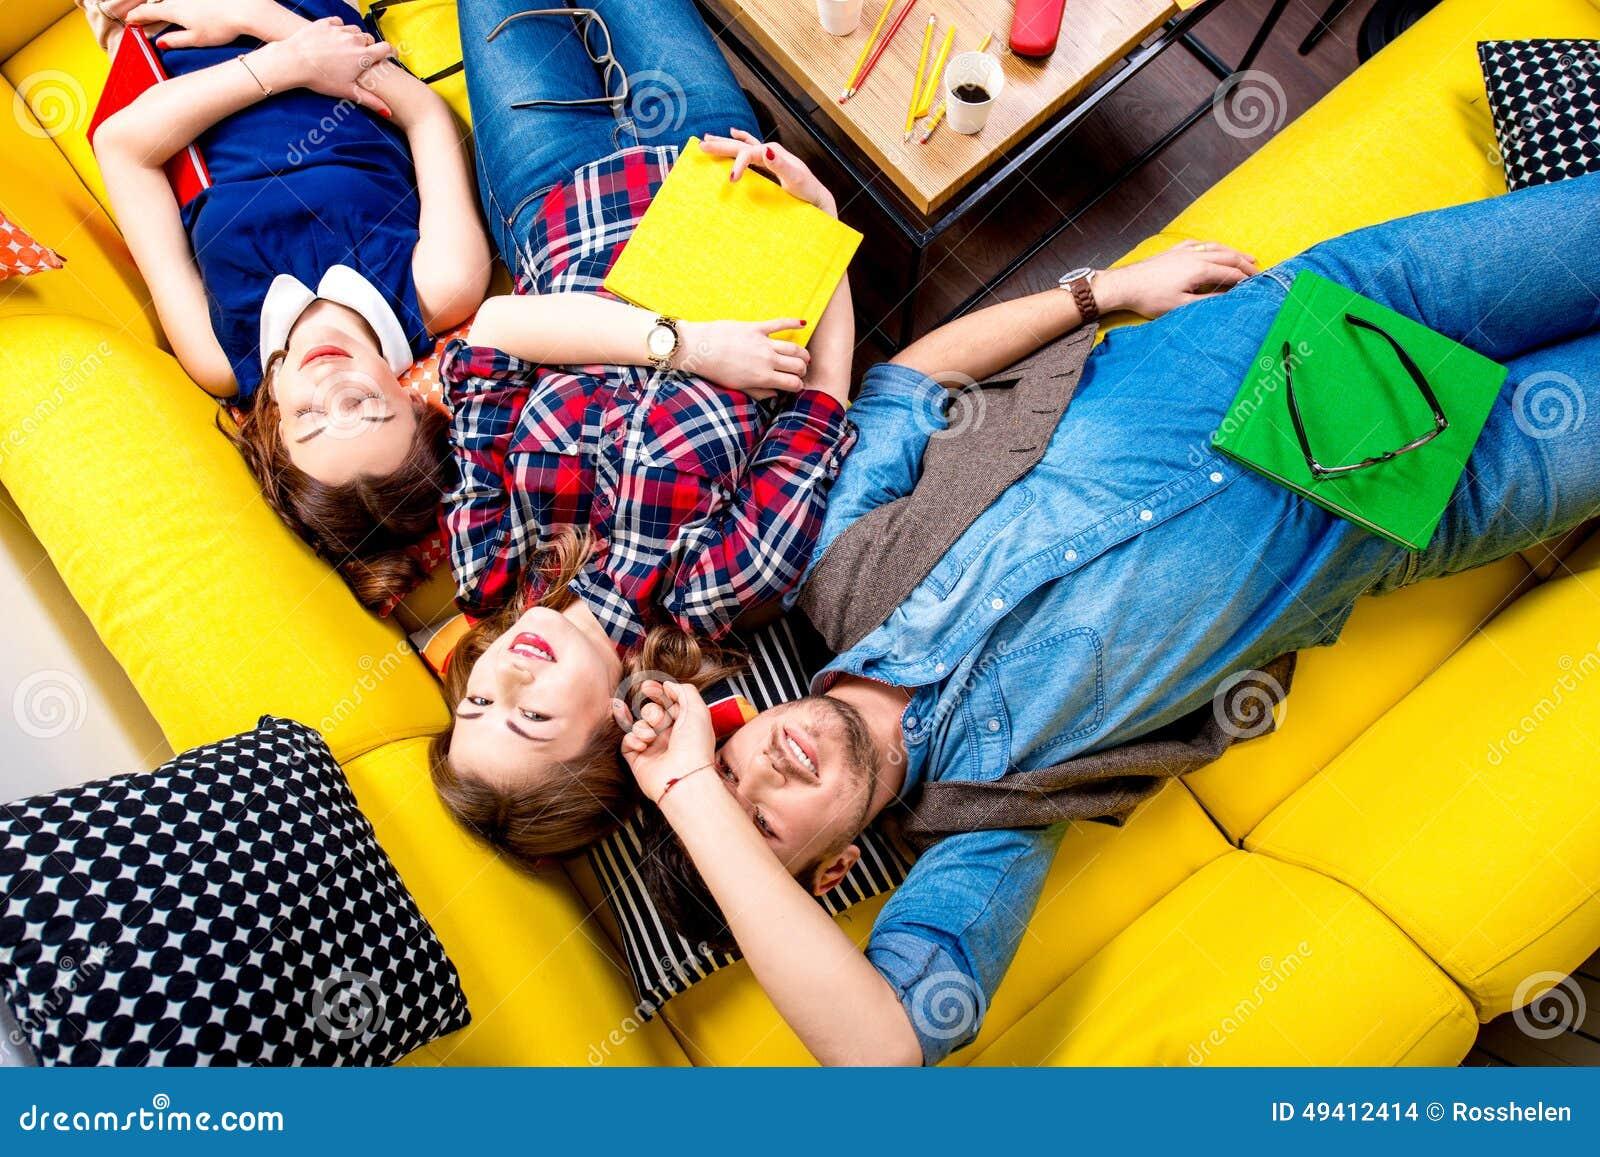 Download Schlafen Und Müde Studenten Auf Der Couch Stockfoto - Bild von freunde, lernen: 49412414